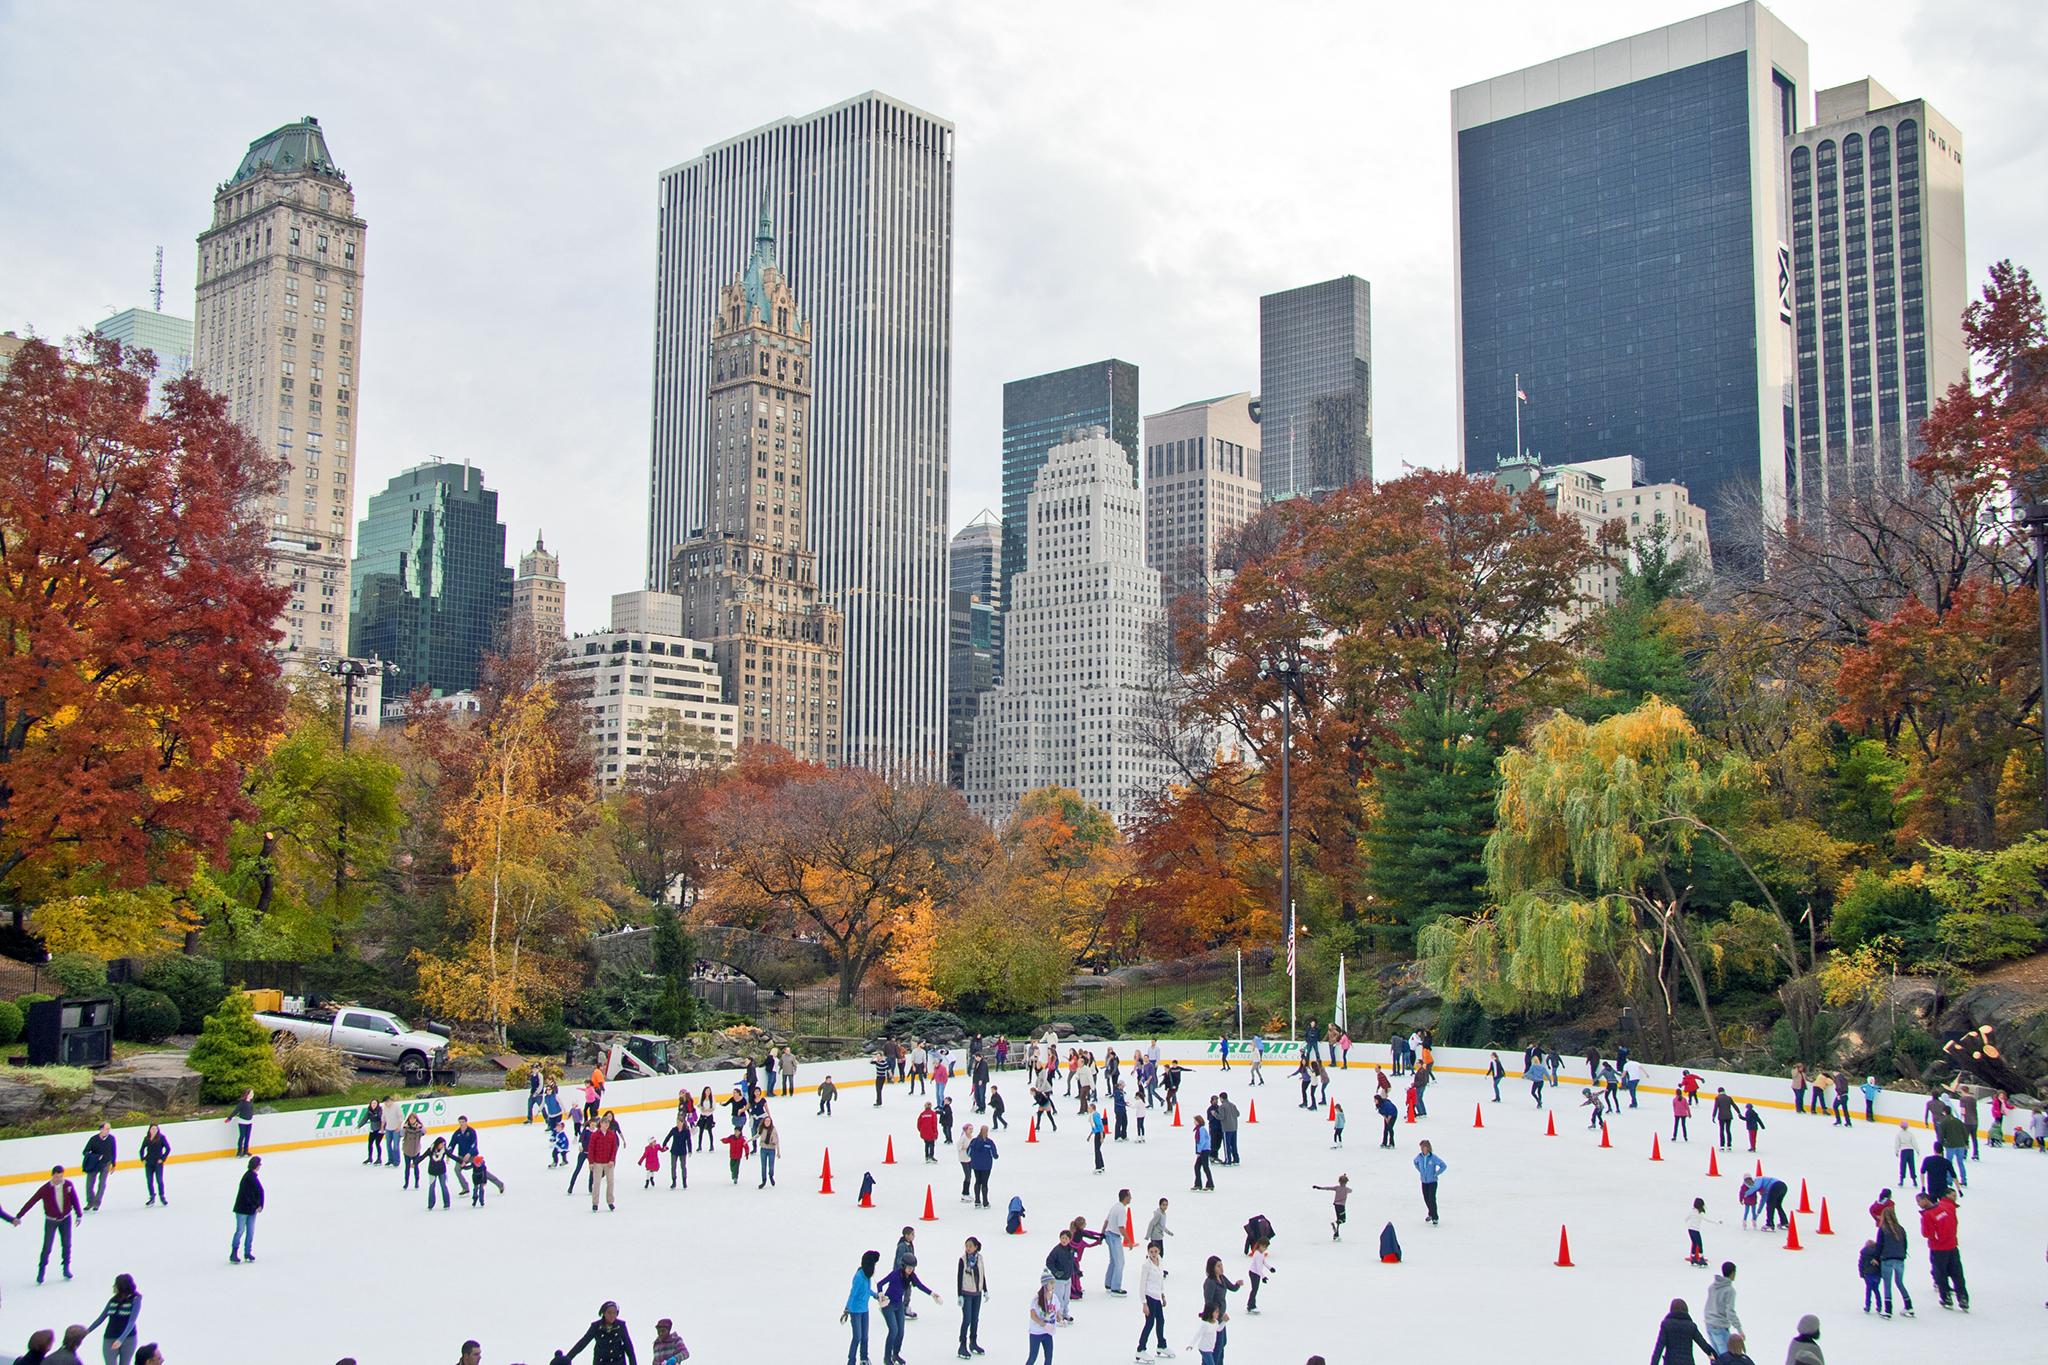 Ice Skating in Central Park [New York]